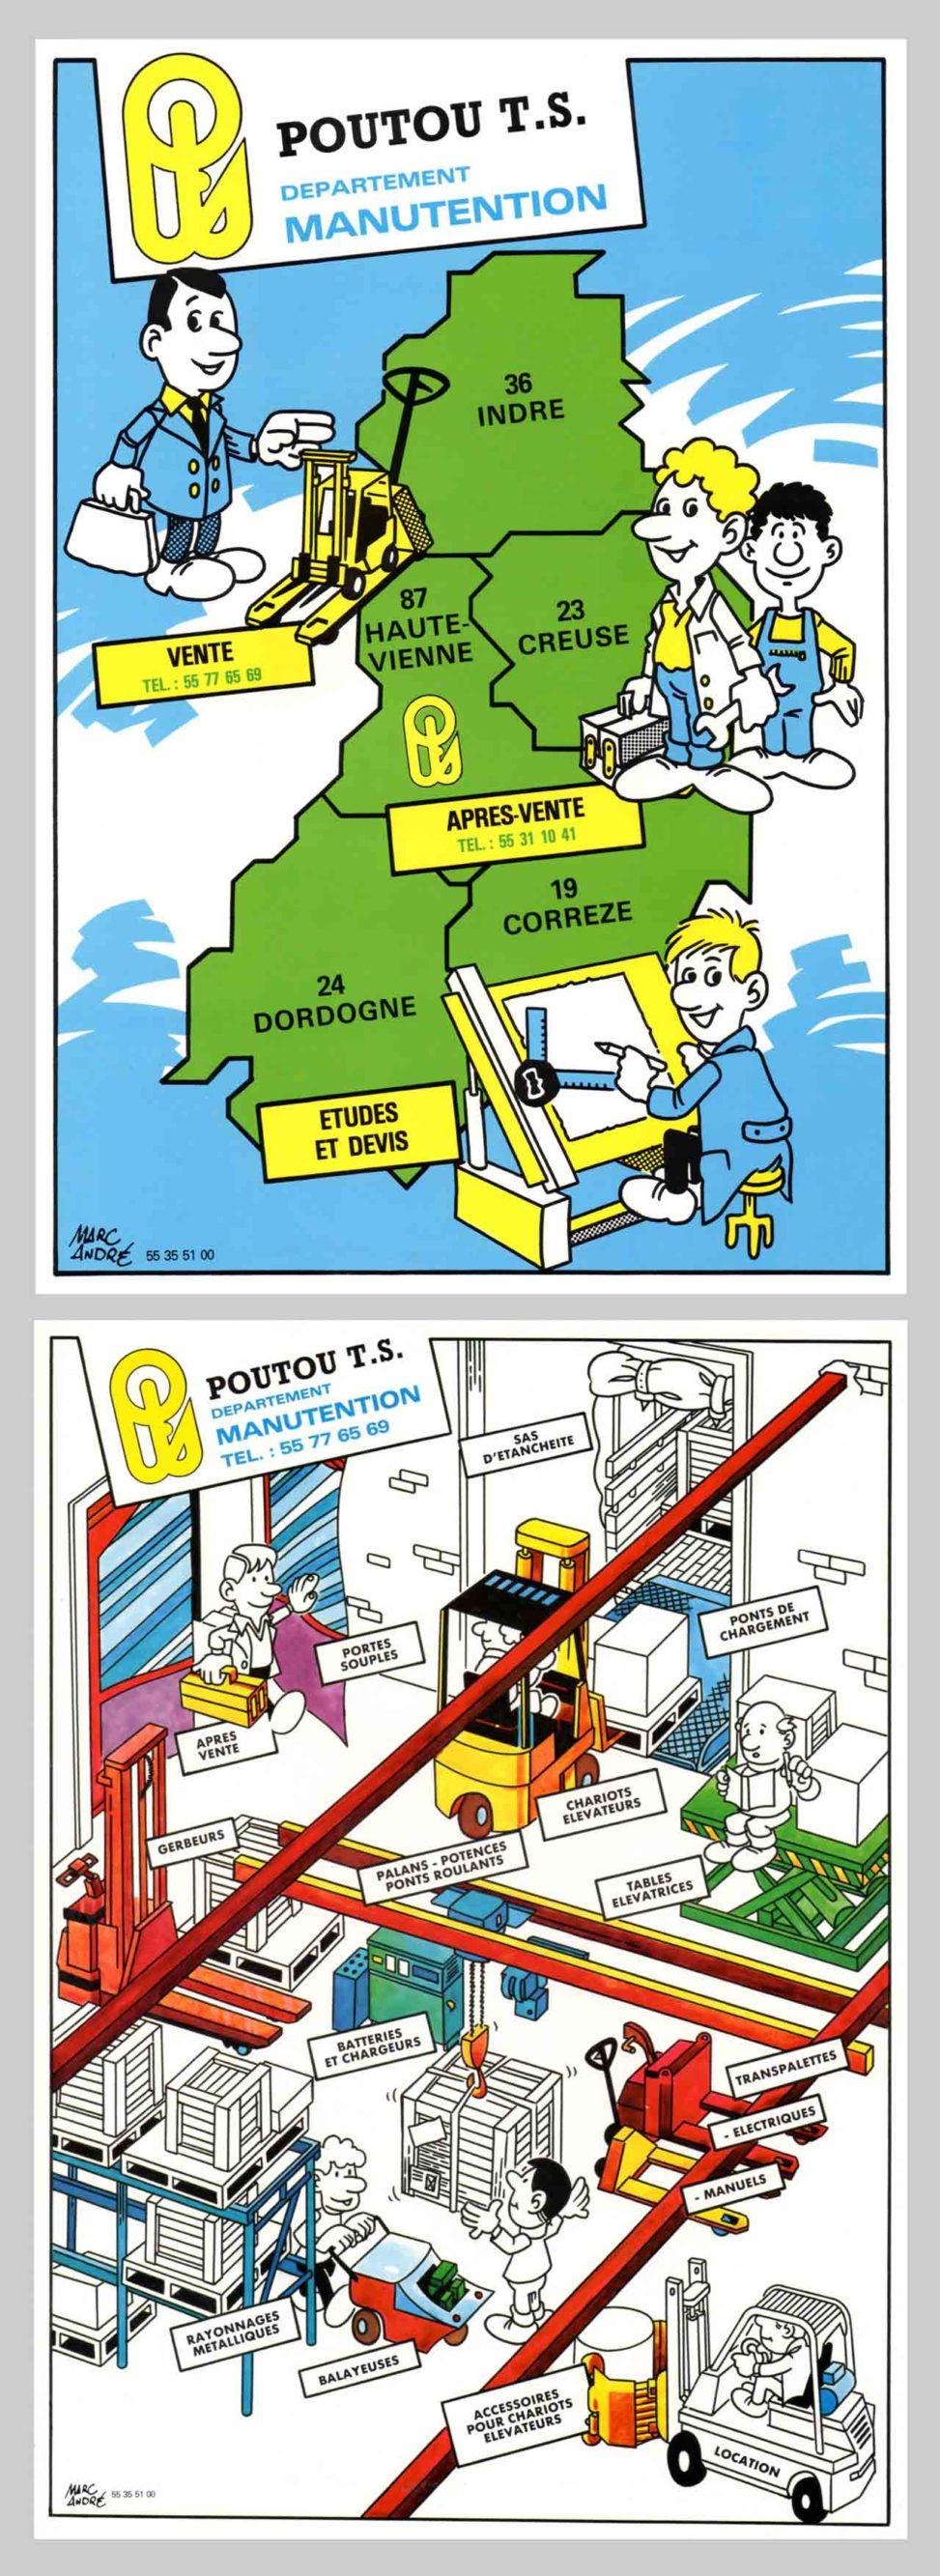 Poutou Transmission Service Illustrations pour classeurs Marc-André BD Illustration Graphisme Limoges 1986-87